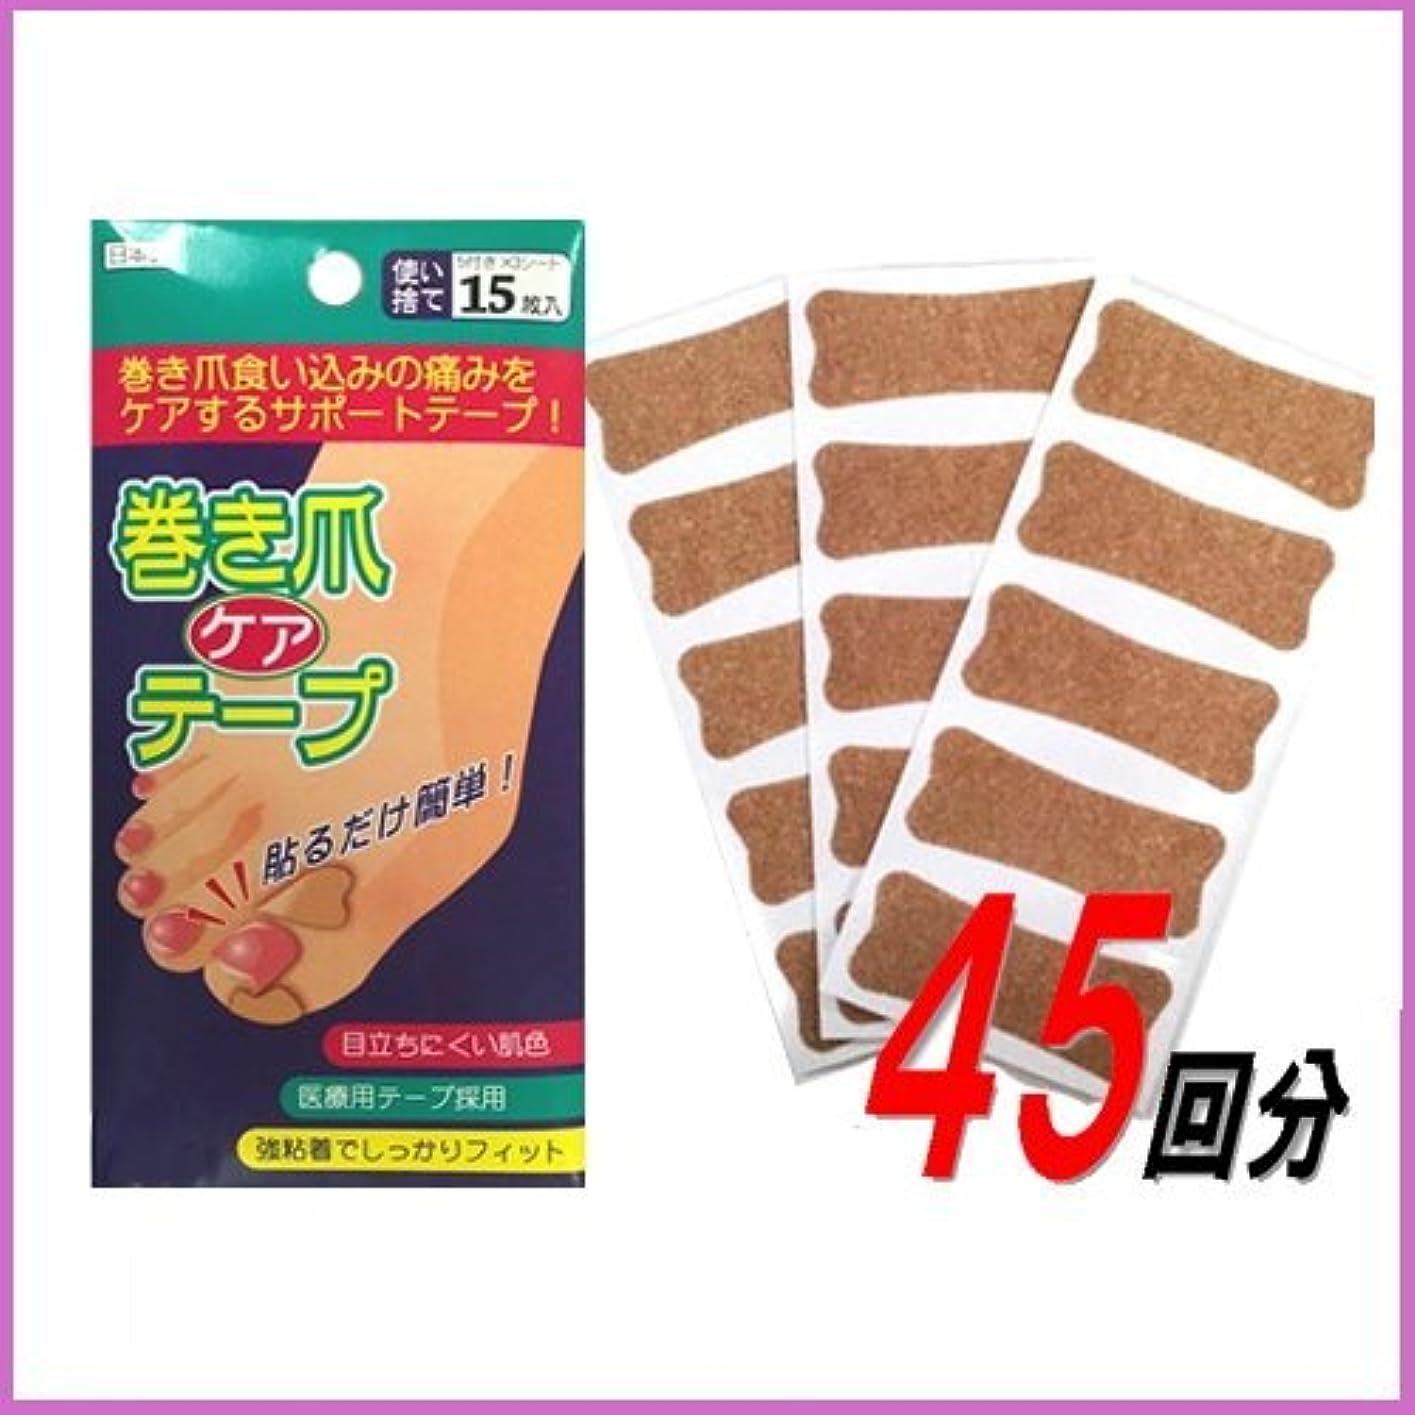 砲兵社会主義剃る巻き爪 テープ 3個セット ブロック ケア テーピング 日本製